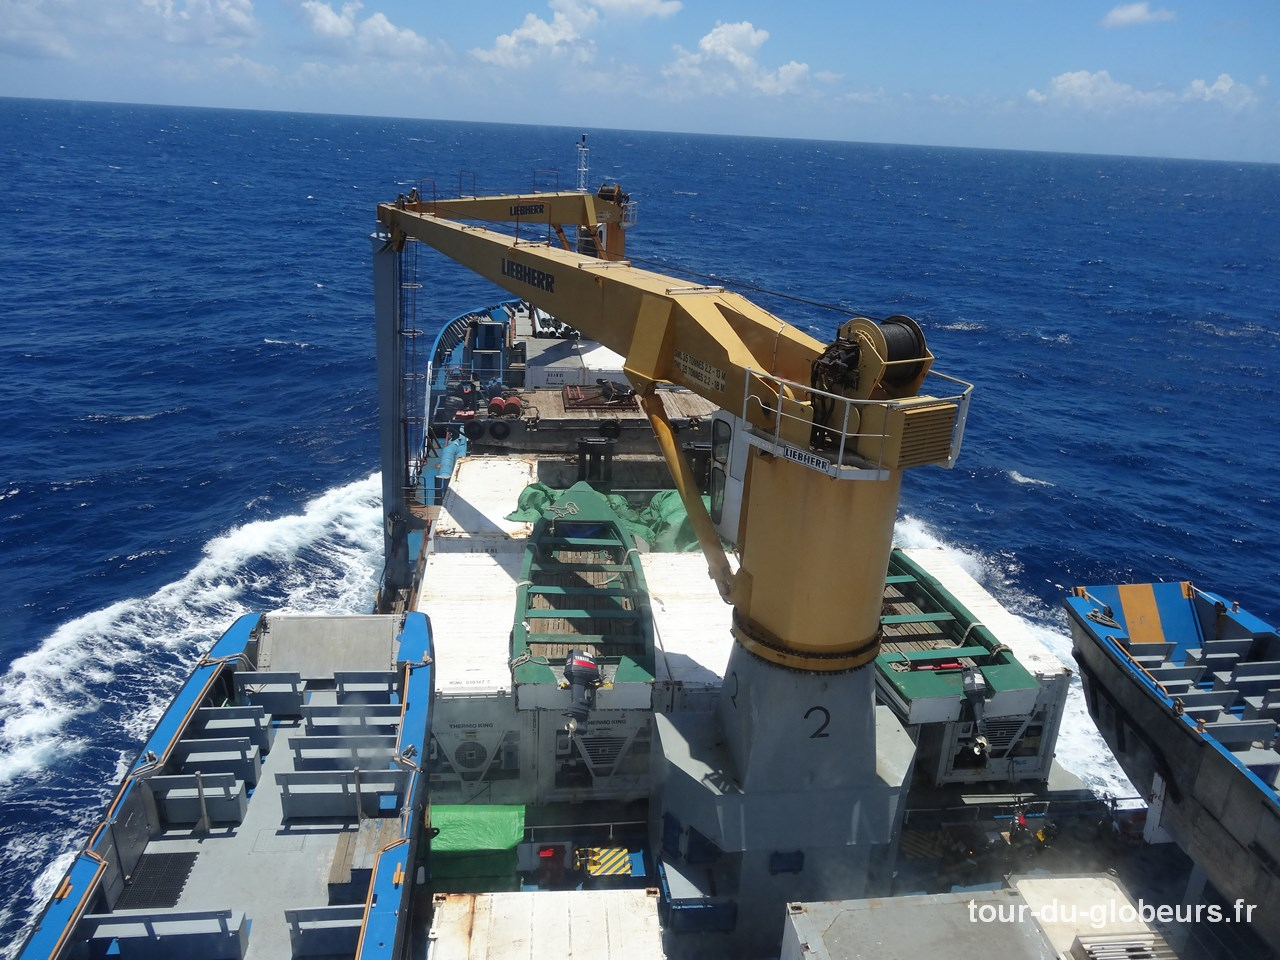 Aranui en mer - Vue de la passerelle et les grues au premier plan